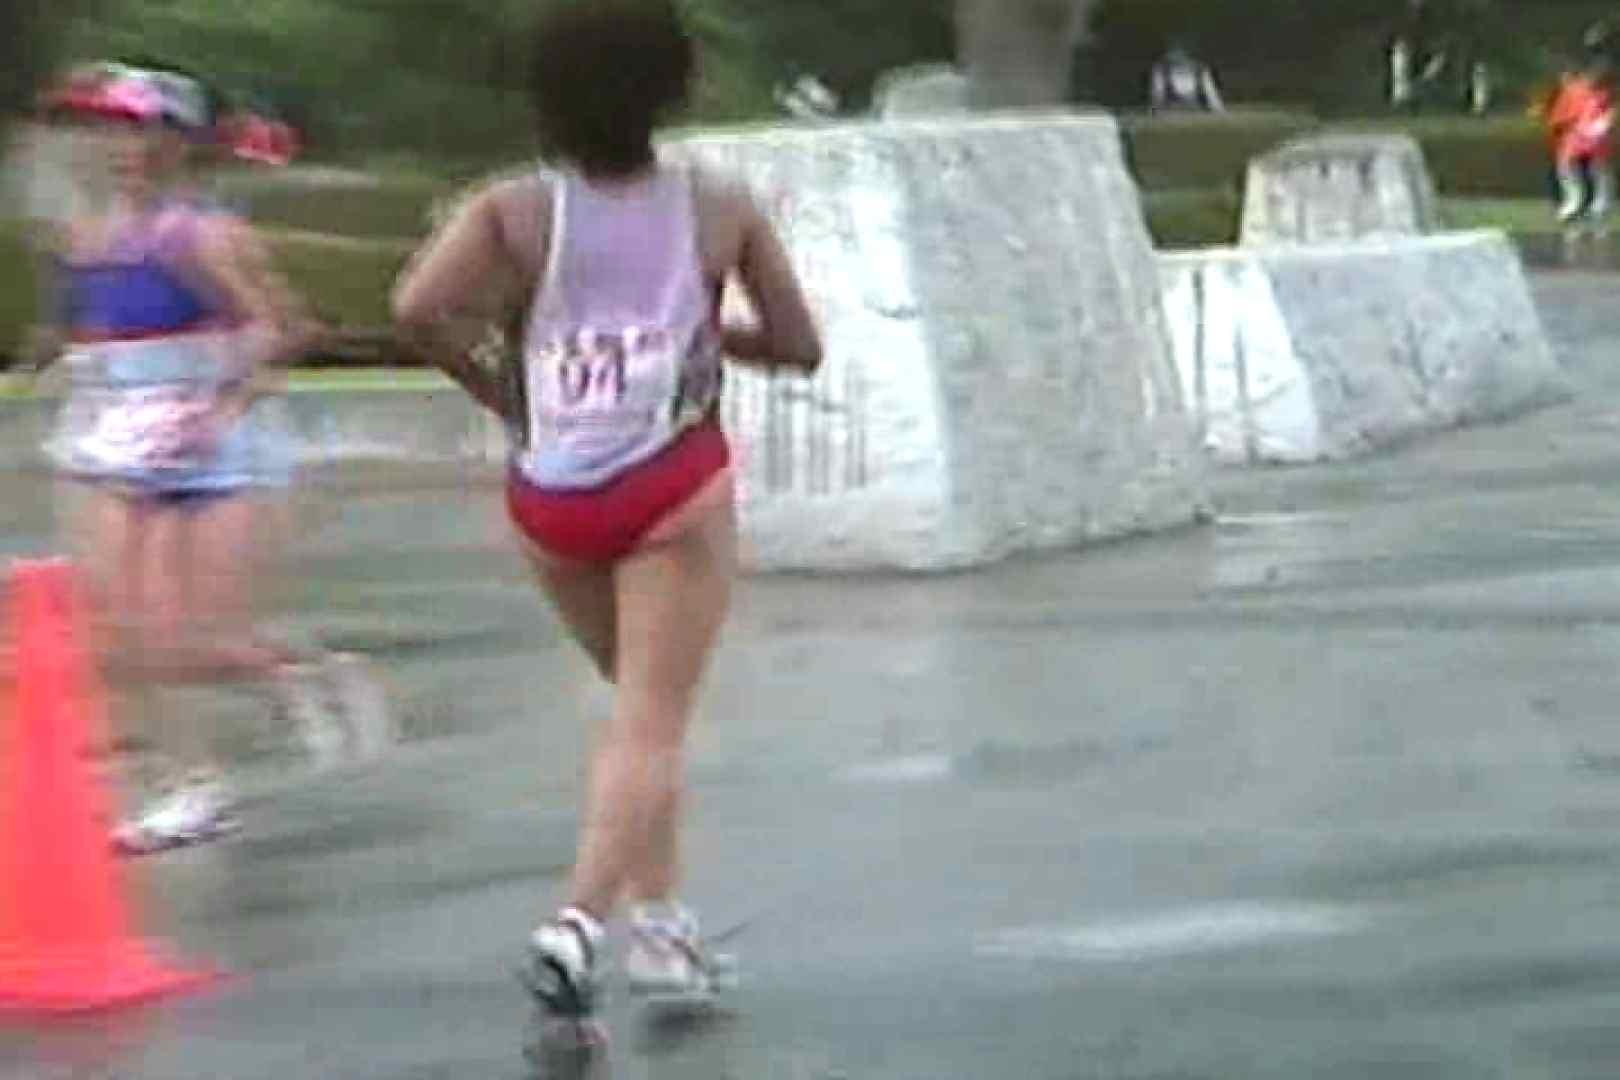 鉄人レース!!トライアスロンに挑む女性達!!Vol.4 OLの実態 覗きぱこり動画紹介 69pic 14